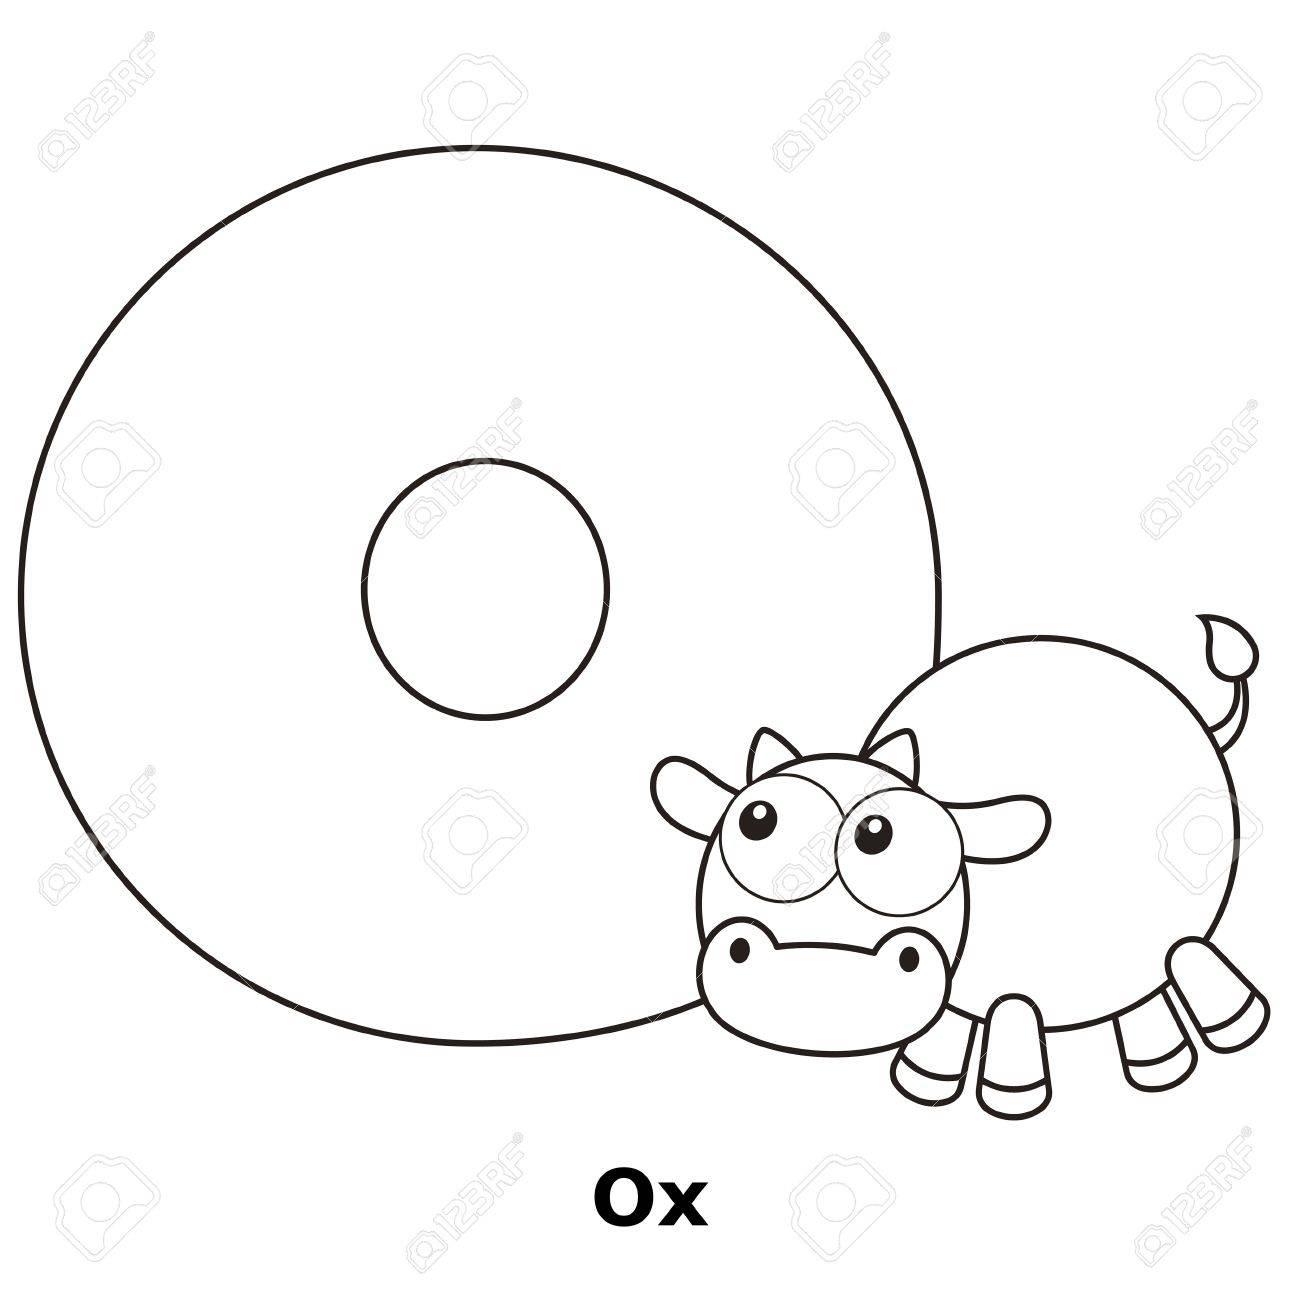 Malvorlagen Alphabet Für Kinder, O Mit Ochsen. Lizenzfrei Nutzbare ...